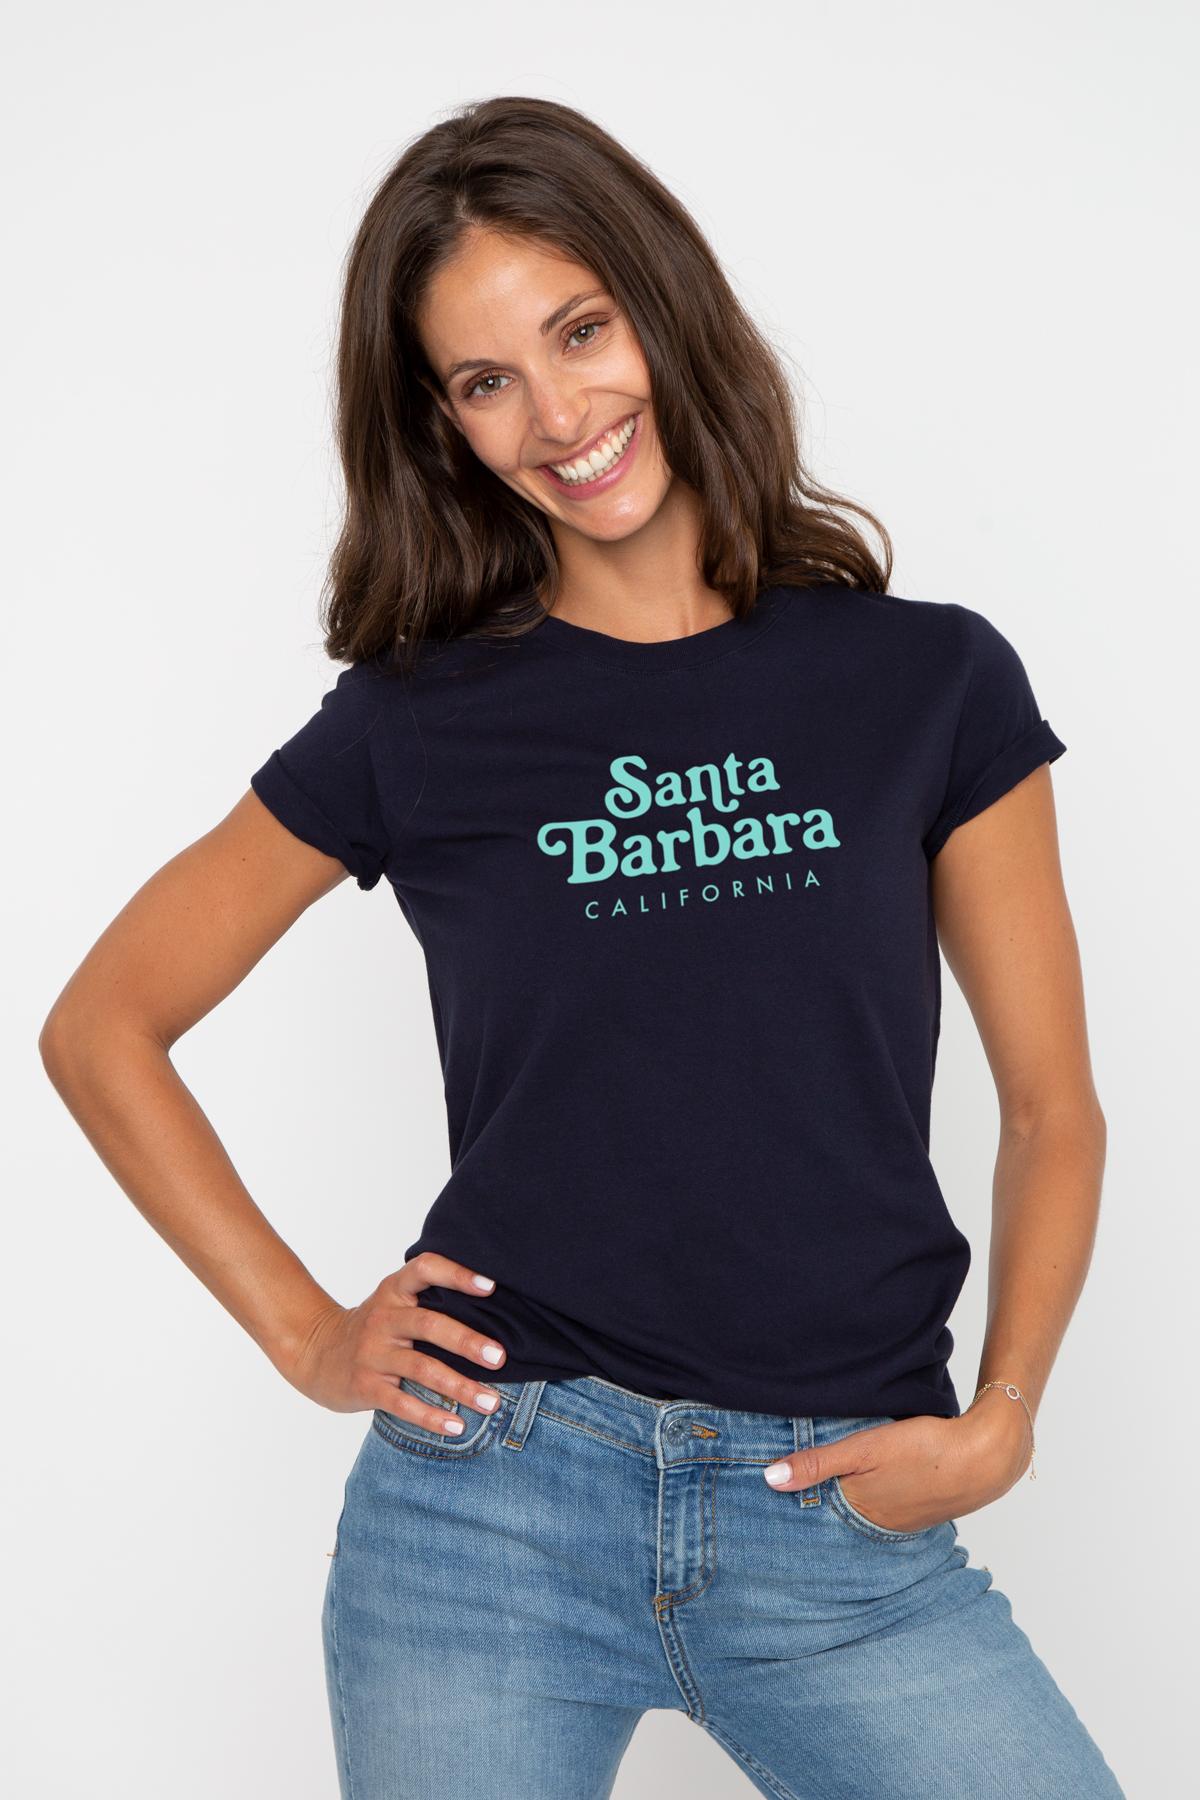 Tshirt  SANTA BARBARA